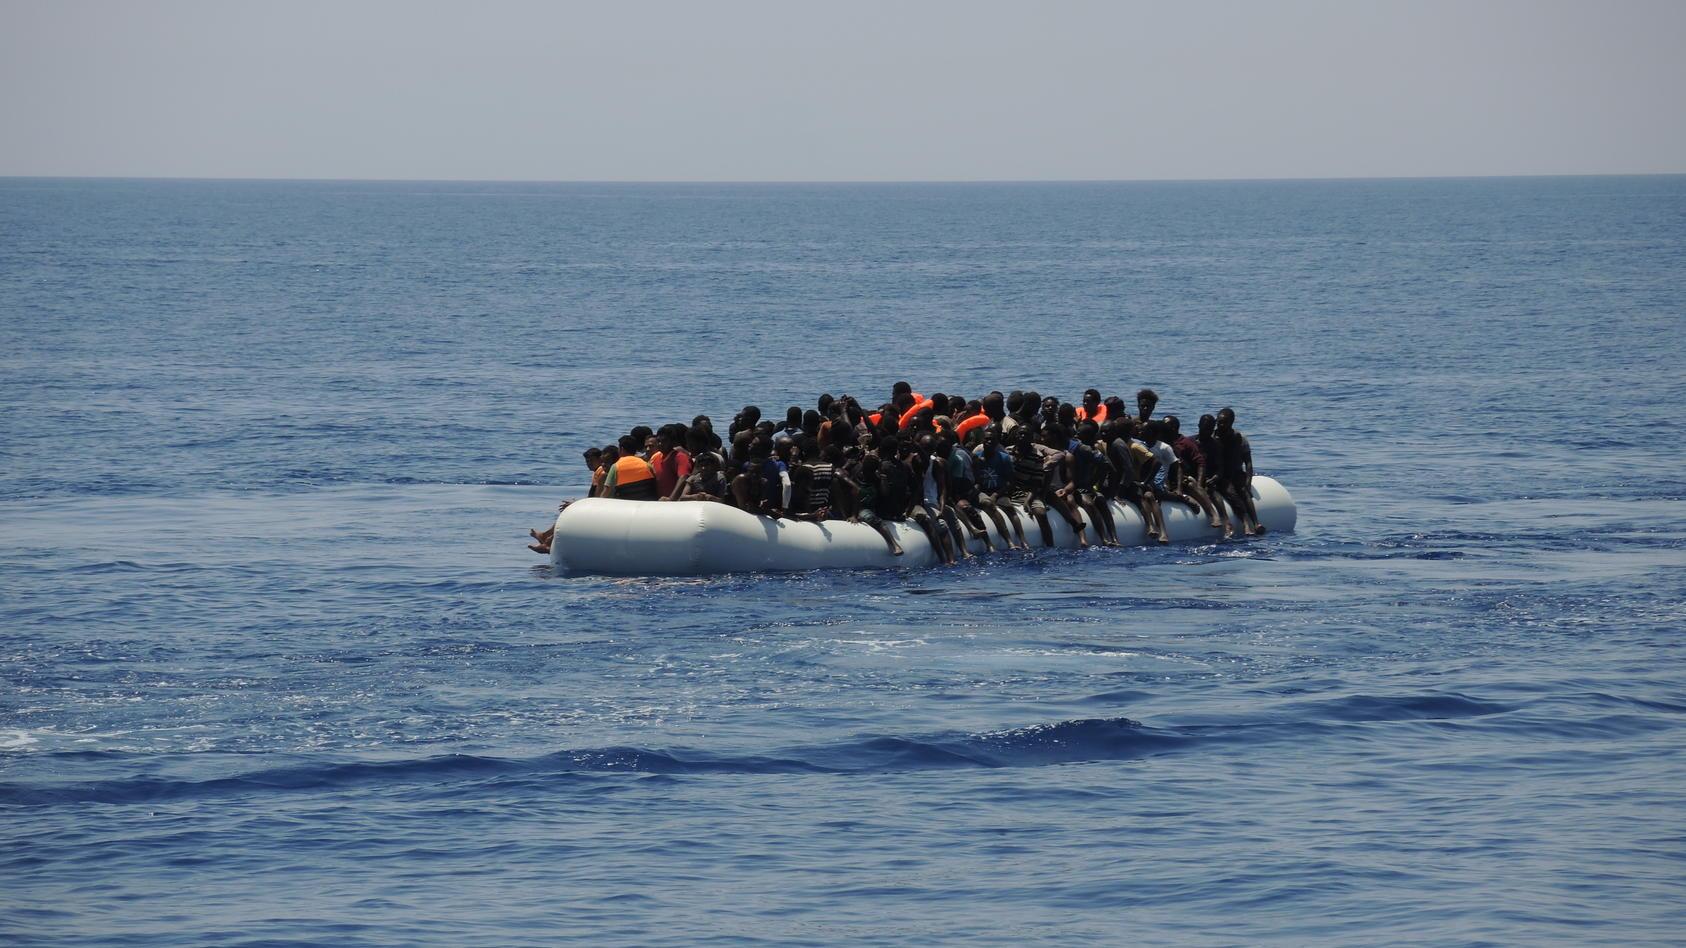 Rettungseinsätze im Mittelmeer